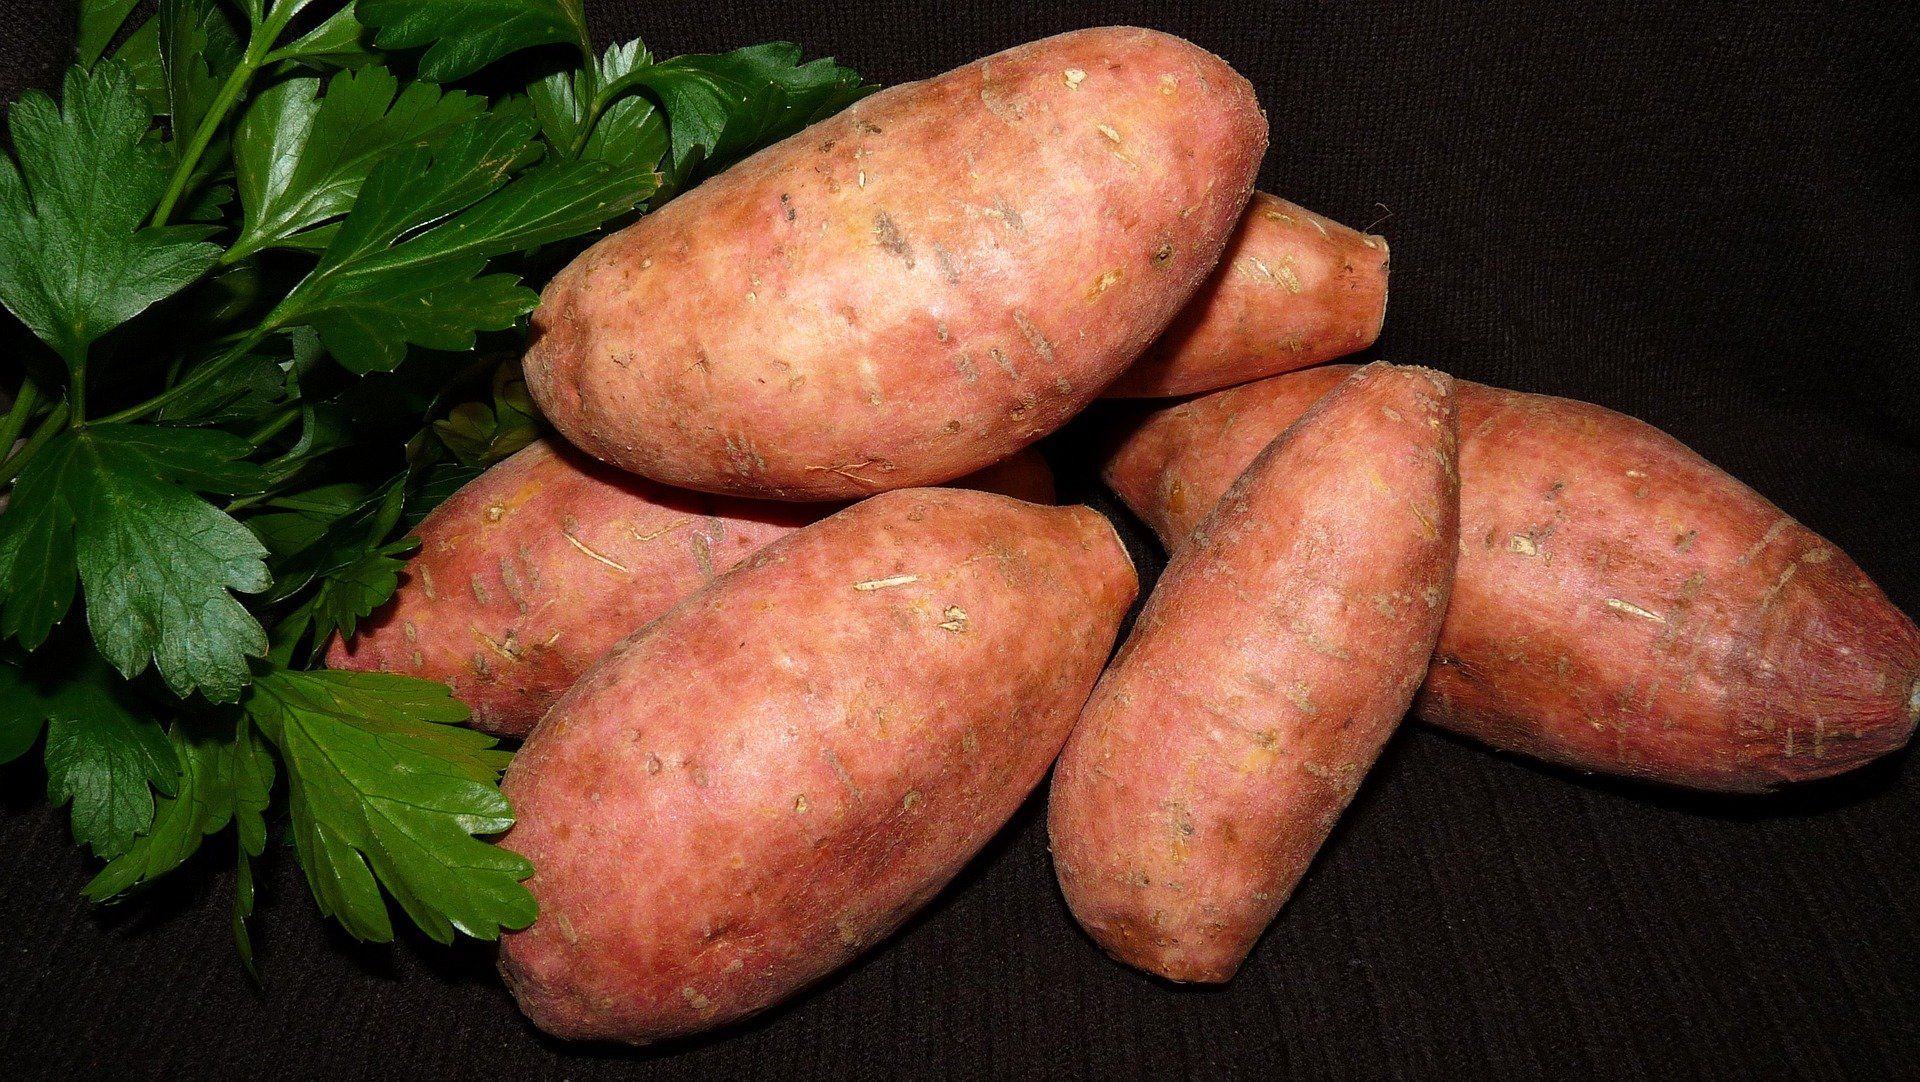 Plant Sweet Potatoes Yourself